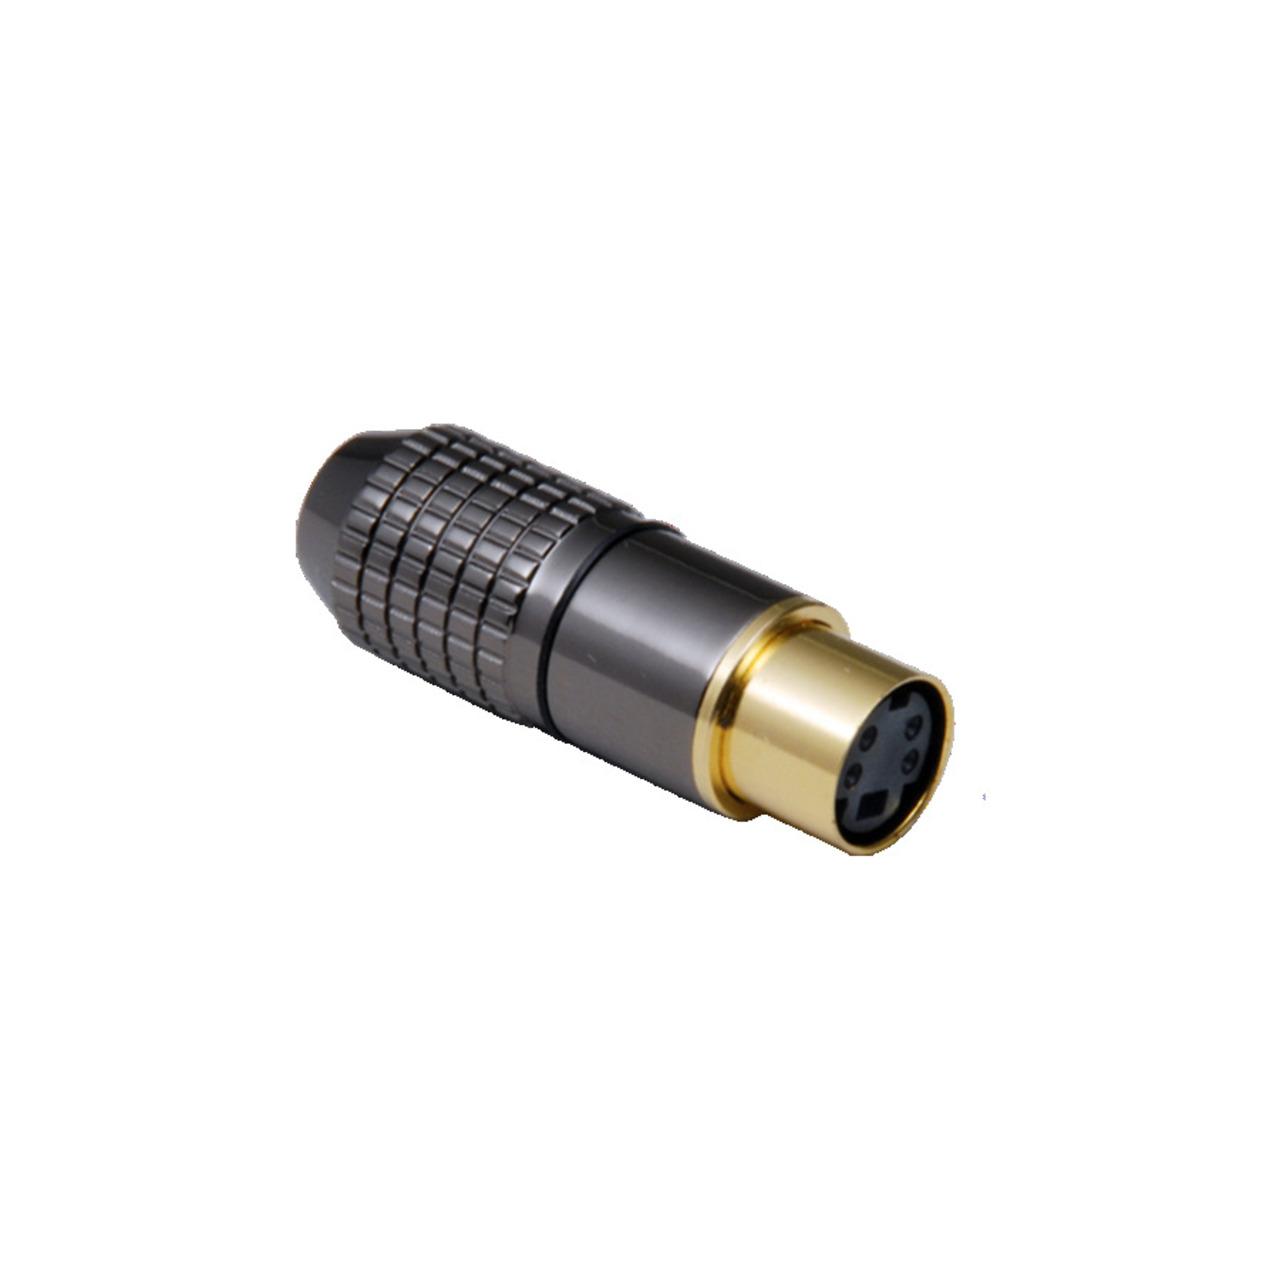 BKL Electronic Mini-DIN-Kupplung 6-pol- hochwertige Metallausf- Anschlüsse und Kontakte vergoldet